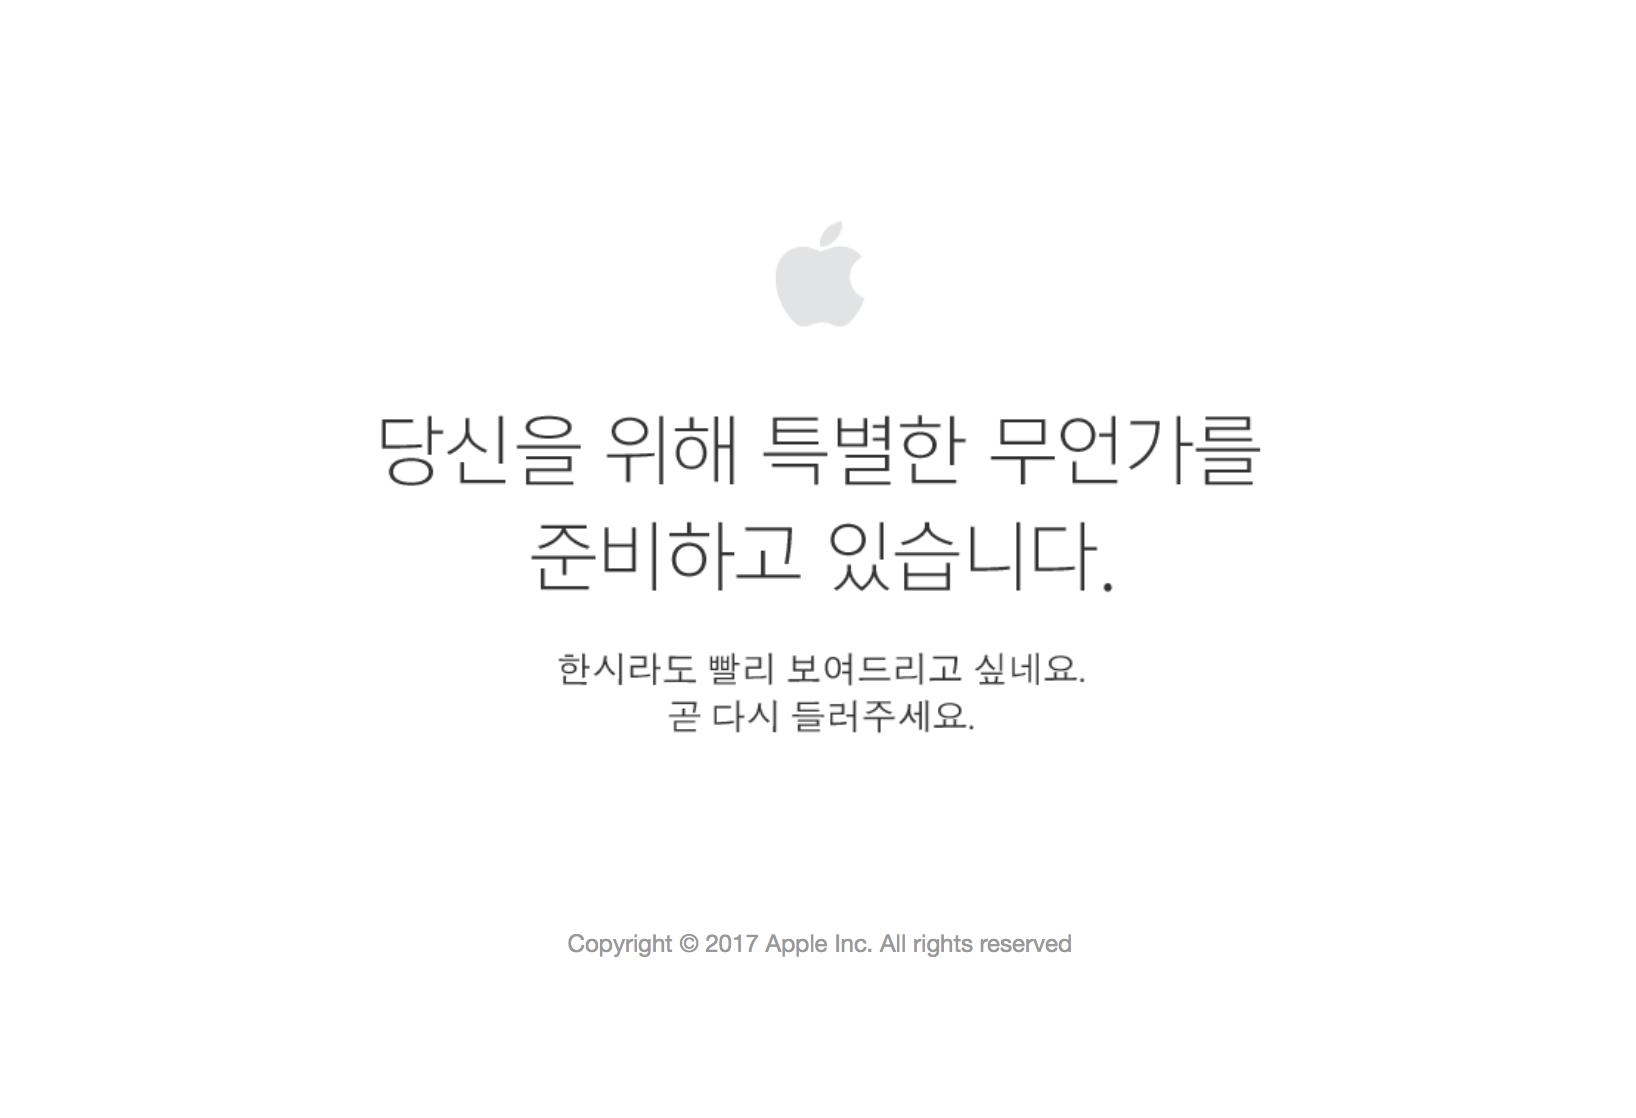 현 시간 Apple 온라인 스토어 닫힘!